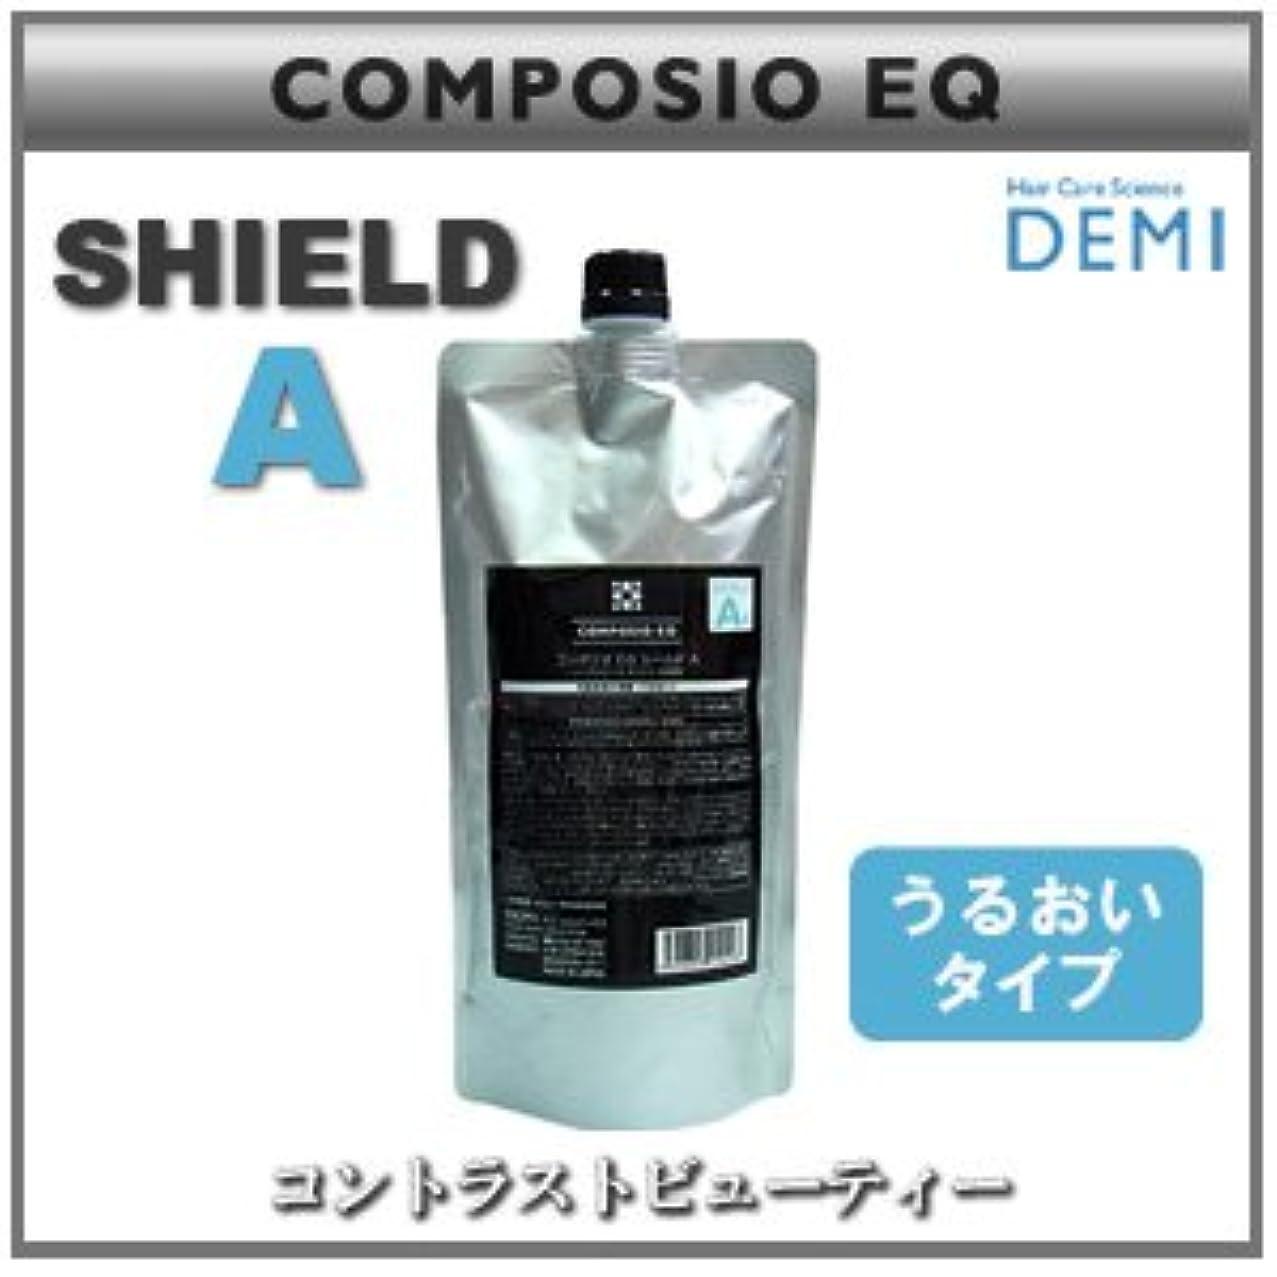 賛辞解明好意的【x3個セット】 デミ コンポジオ EQ シールド A 450g